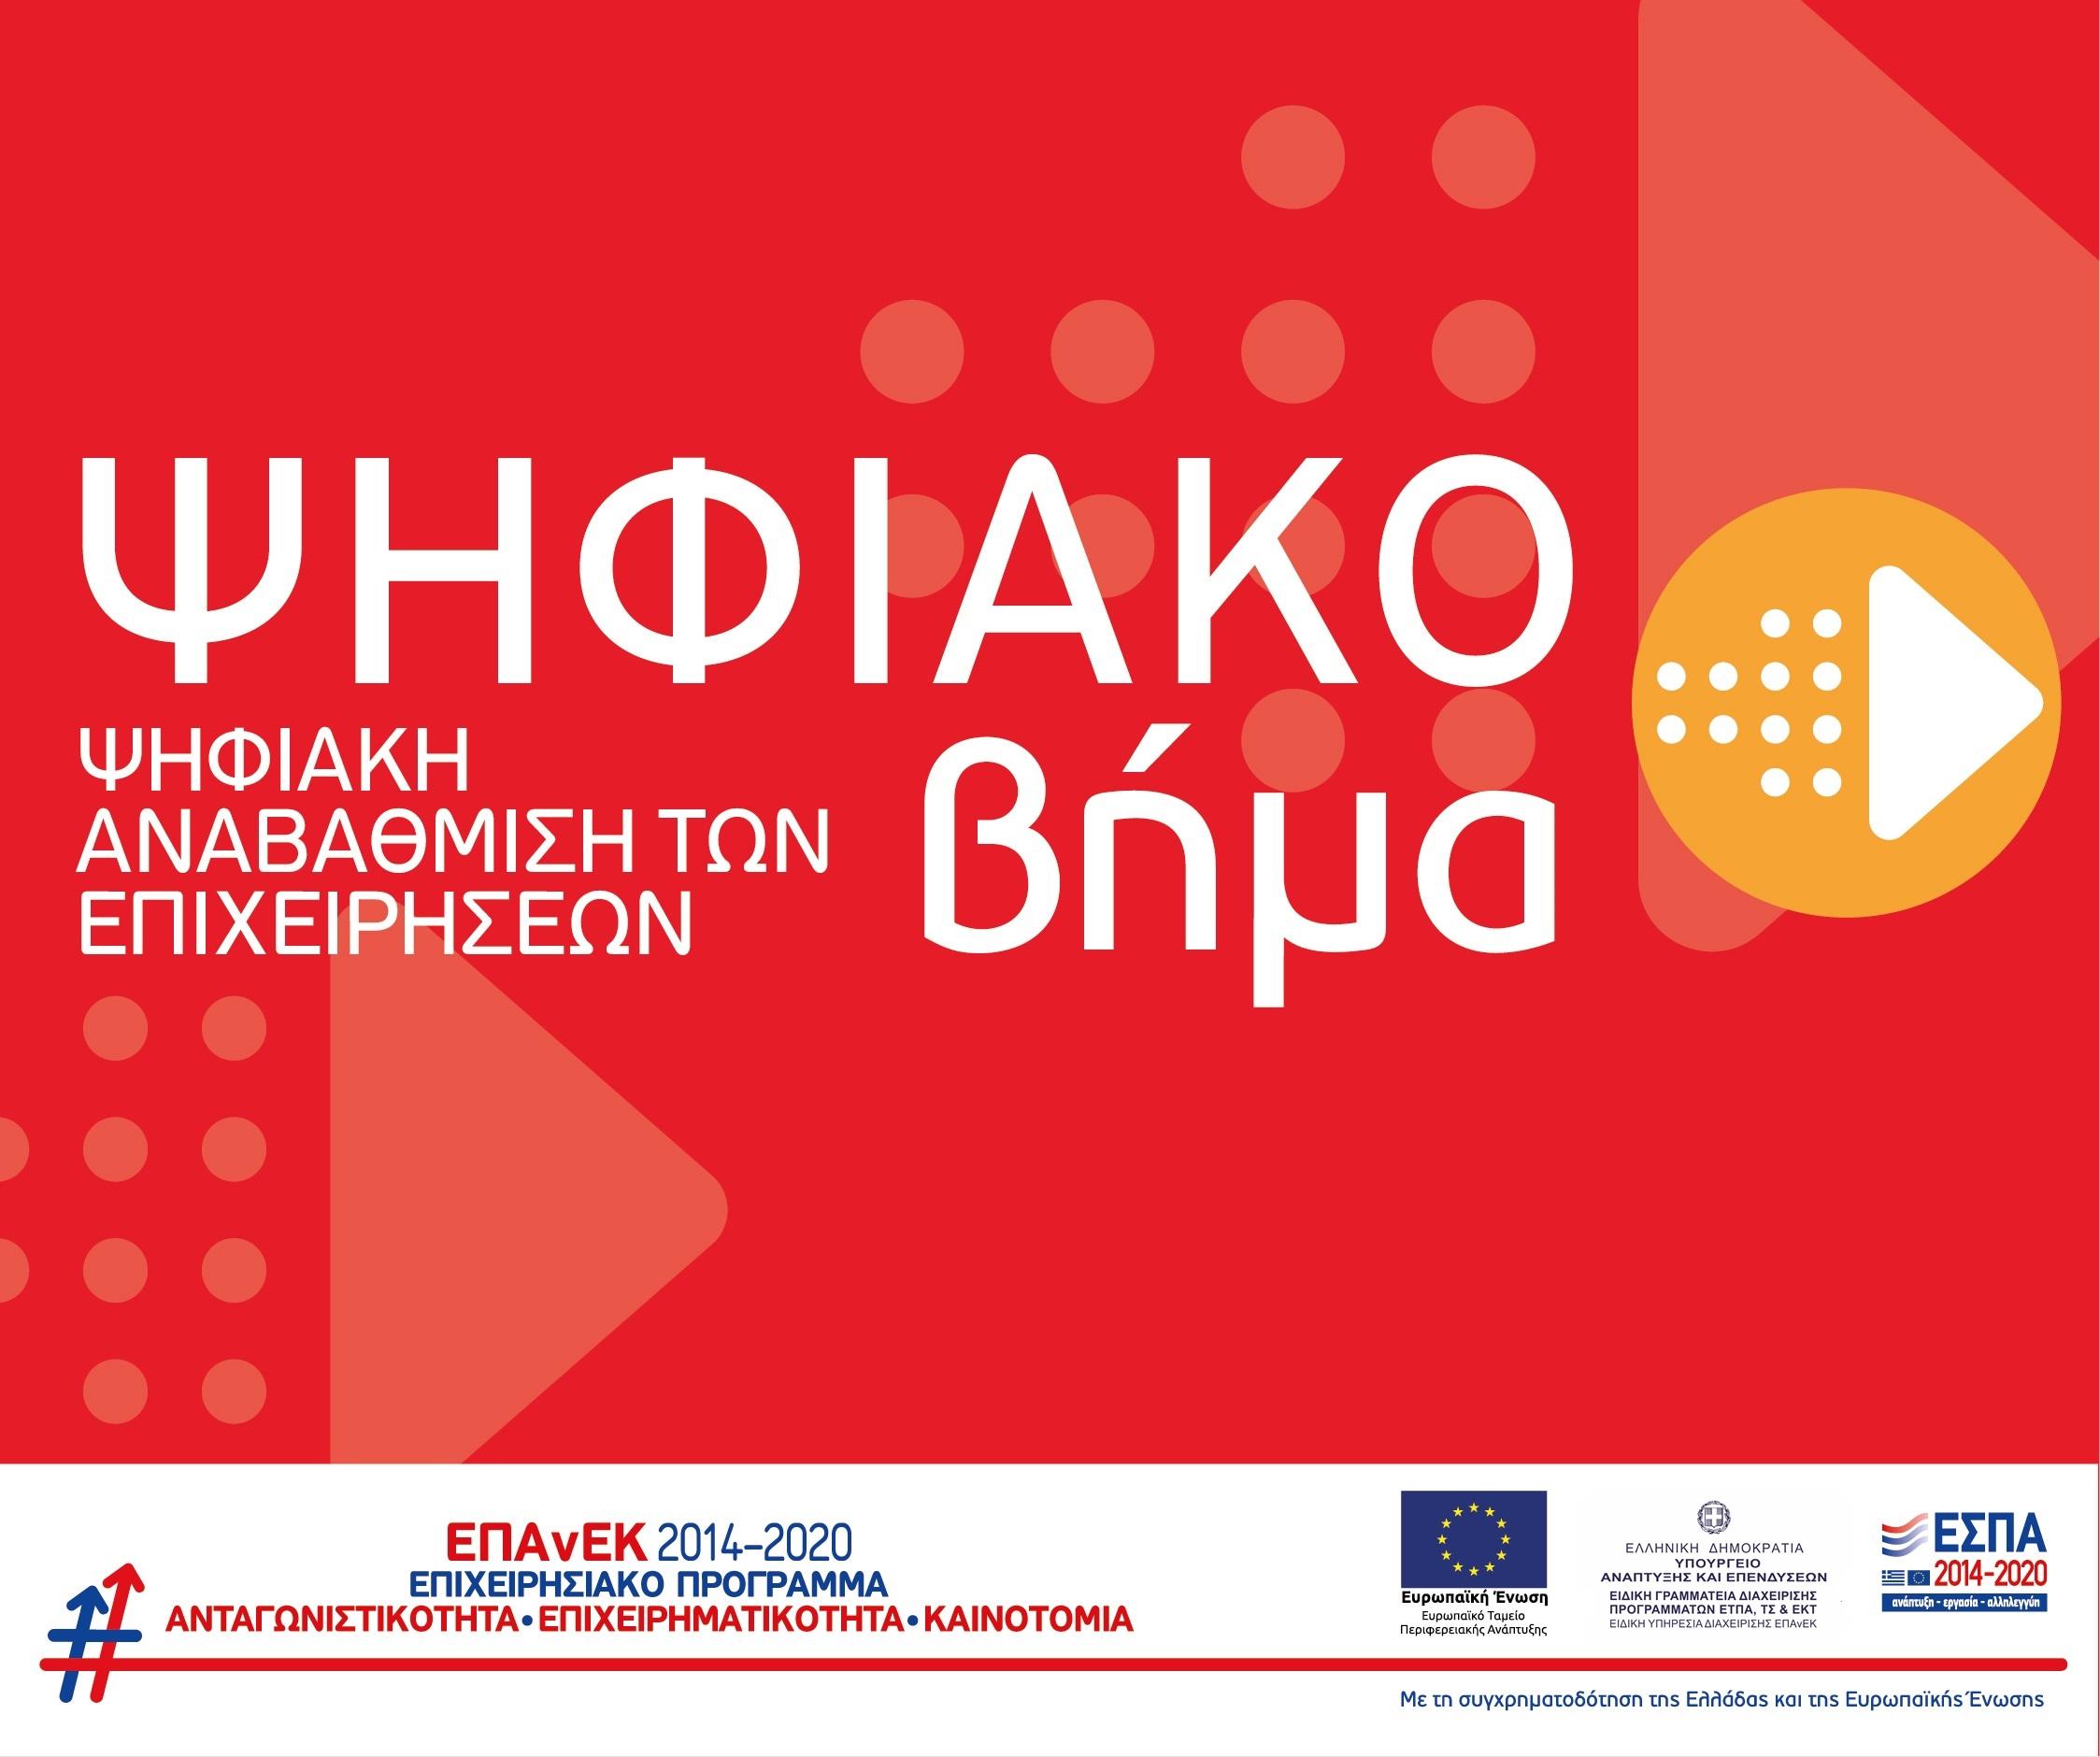 Προγραμματα 2014-2020 / Ψηφιακό Βήμα